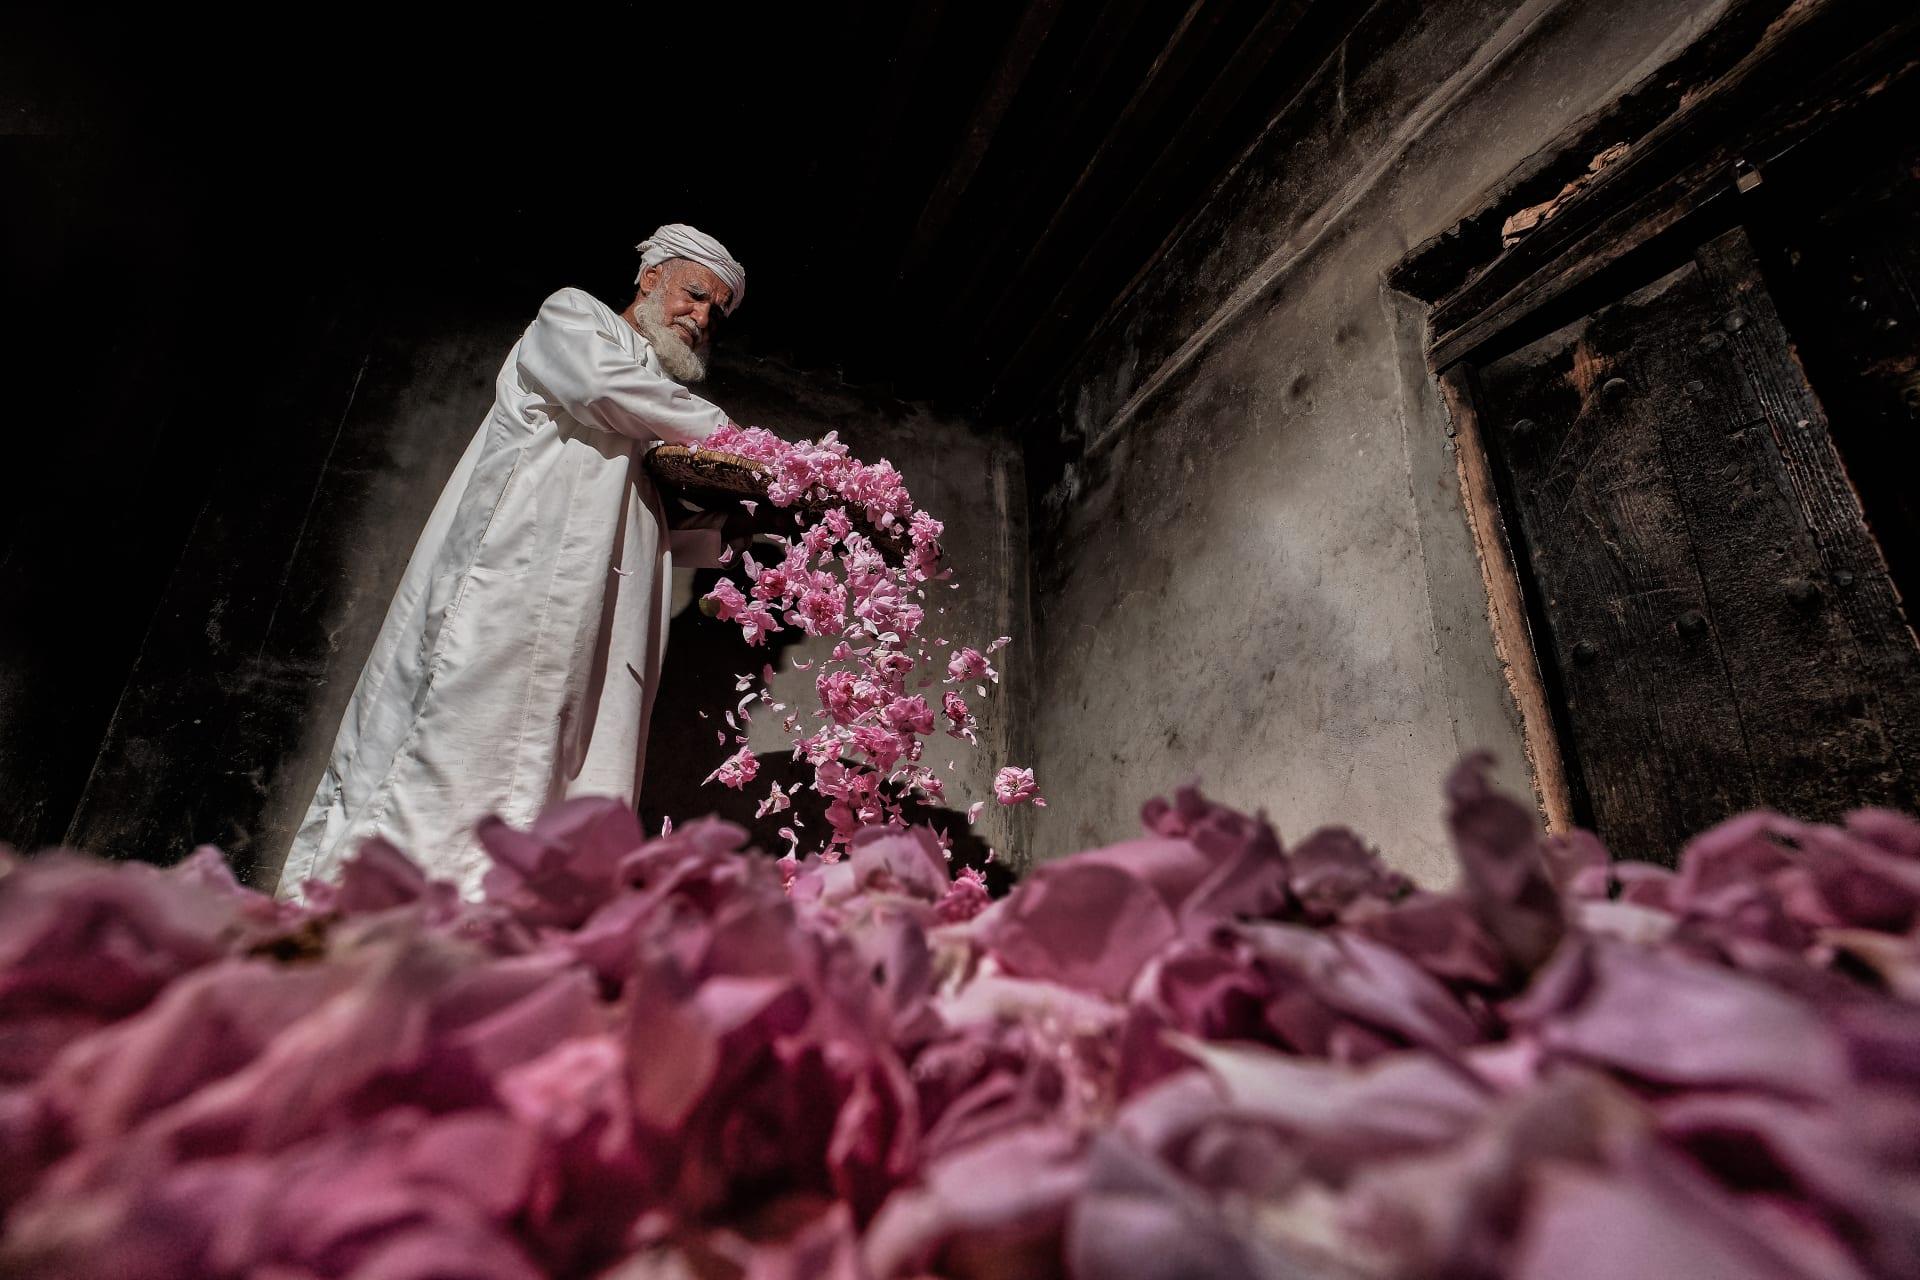 على الطريقة اليدوية.. خذ جولة بين مصانع الورد العماني لاكتشاف أسرار تصنيعه